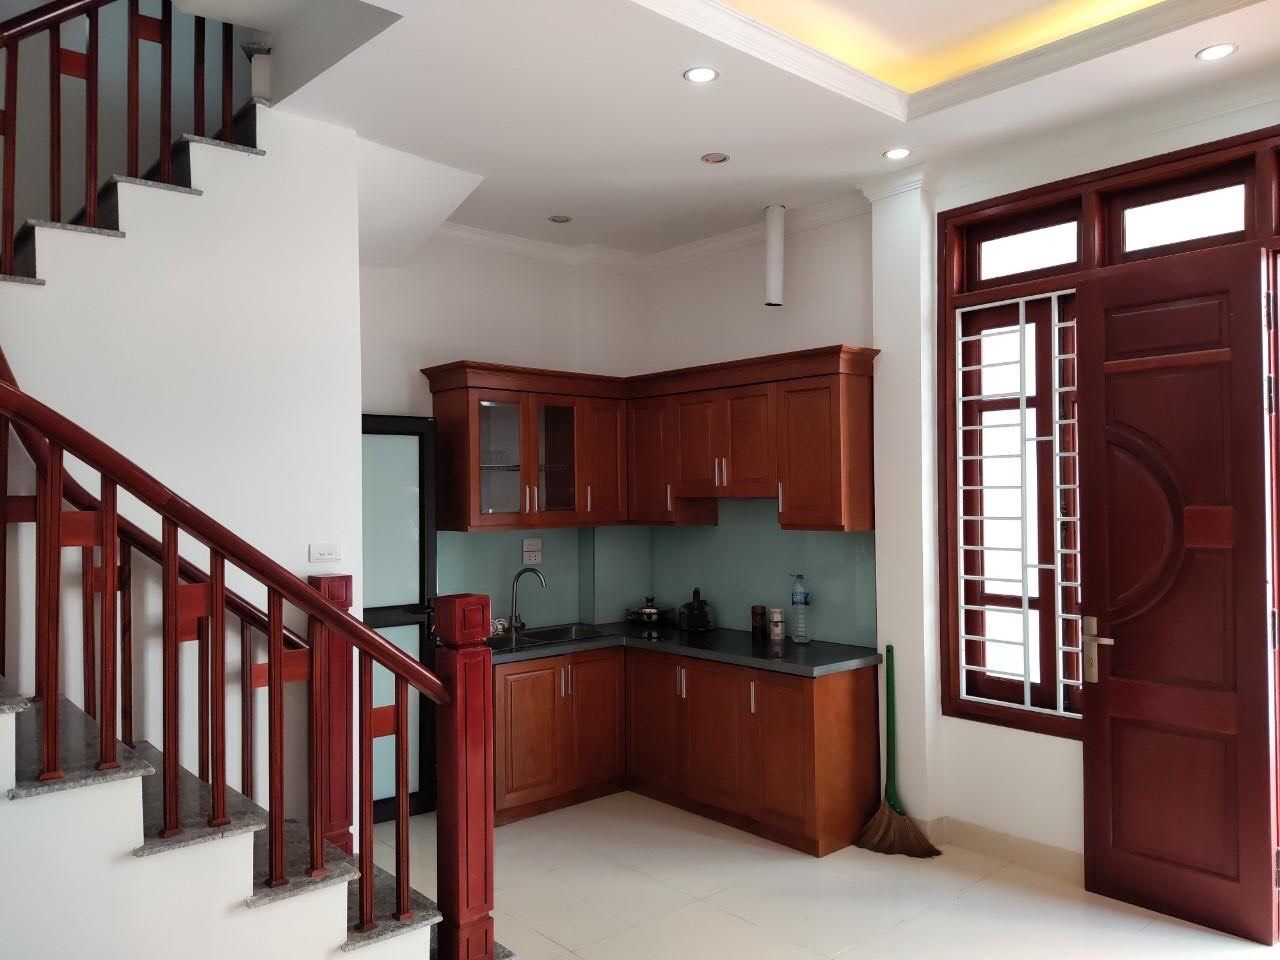 Cần bán Nhà riêng đường Bát Khối, Phường Long Biên, Diện tích 30m², Giá 2,5 Tỷ - LH: 0984142941